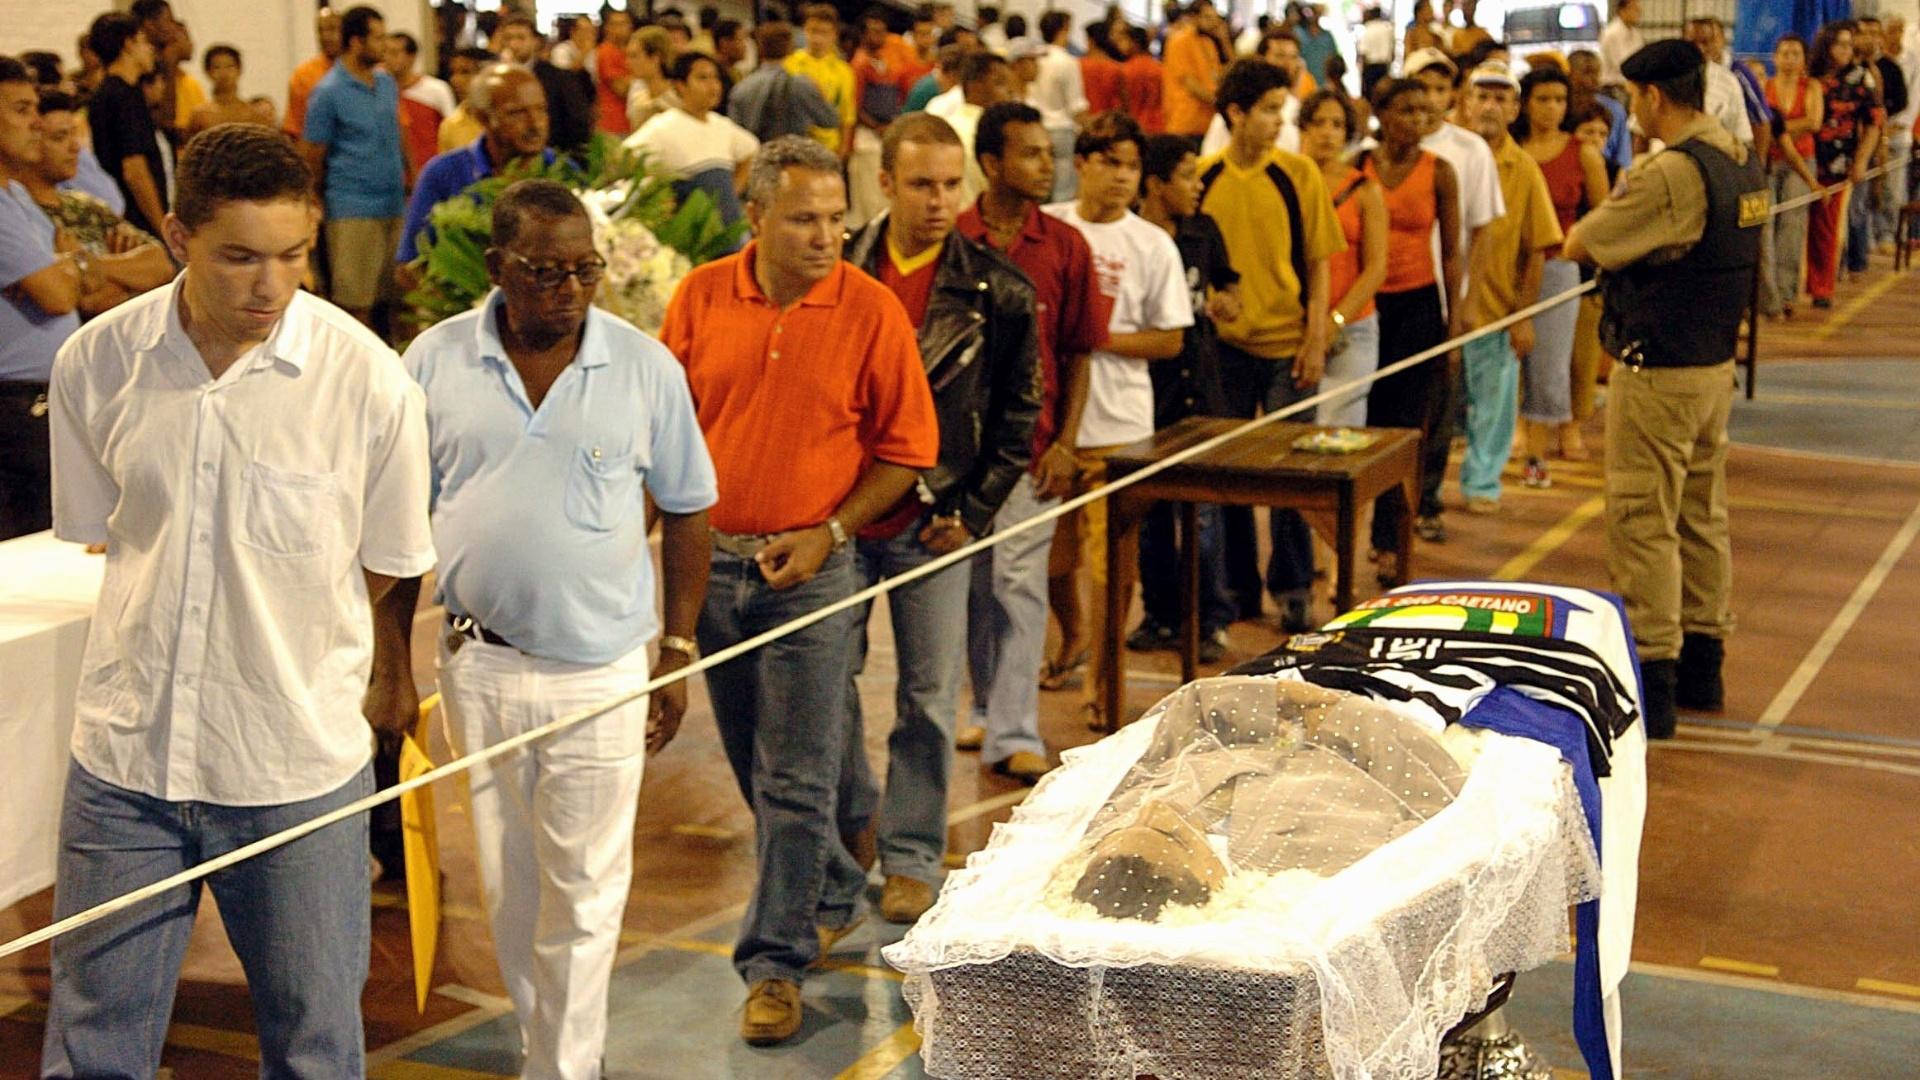 Corpo de Serginho é velado em Minas Gerais; jogador do São Caetano sofreu um mal súbito em campo e morreu em 27/10/2004